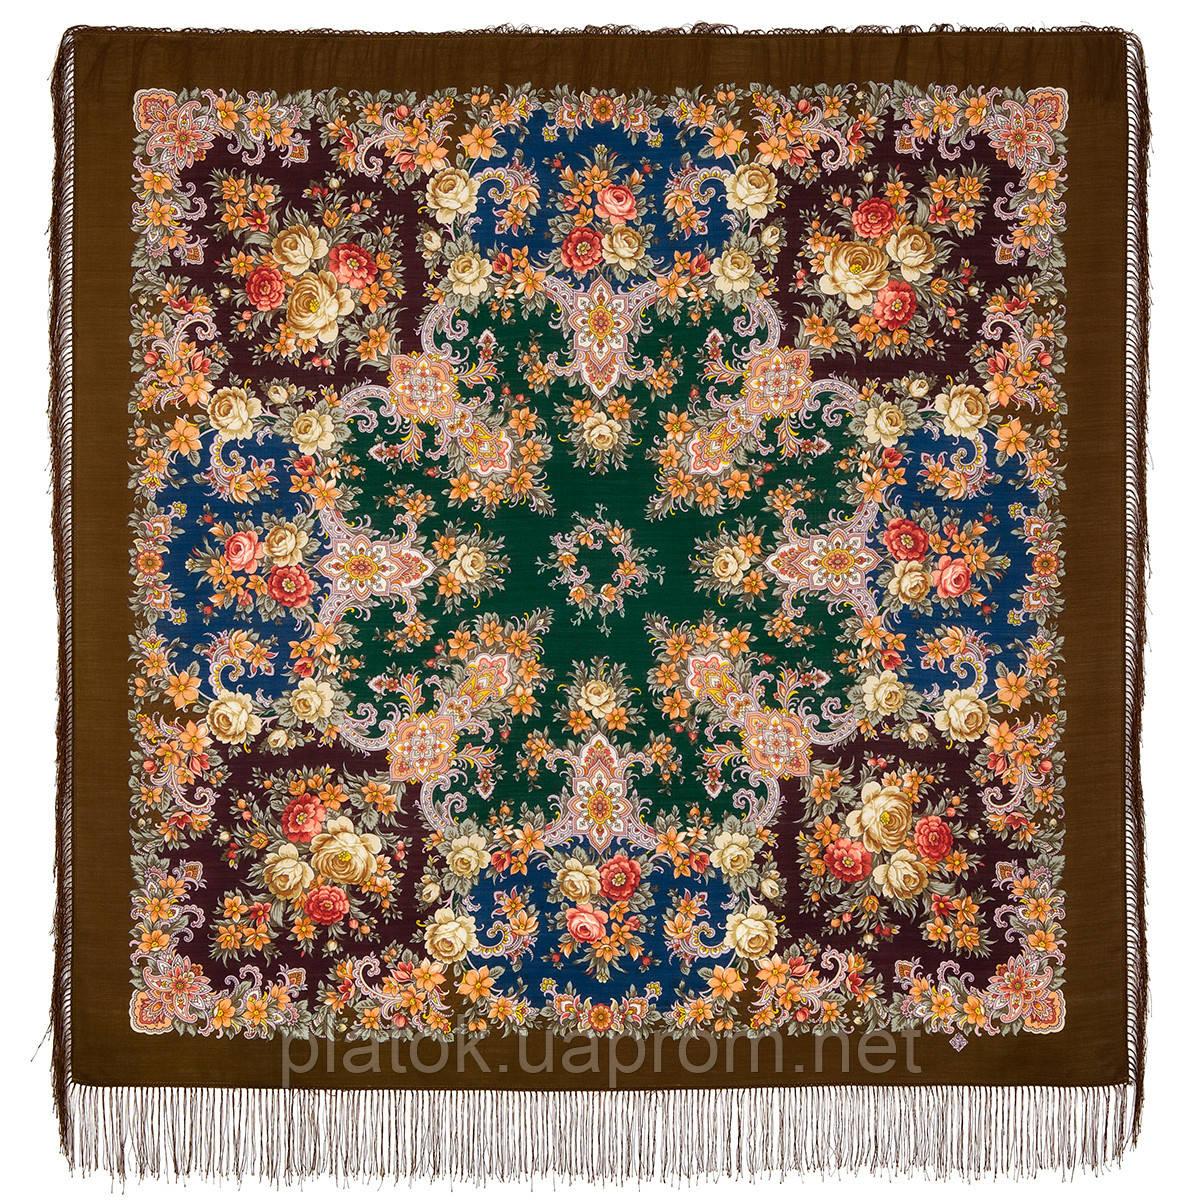 Услада 1726-16, павлопосадский платок шерстяной с шелковой бахромой